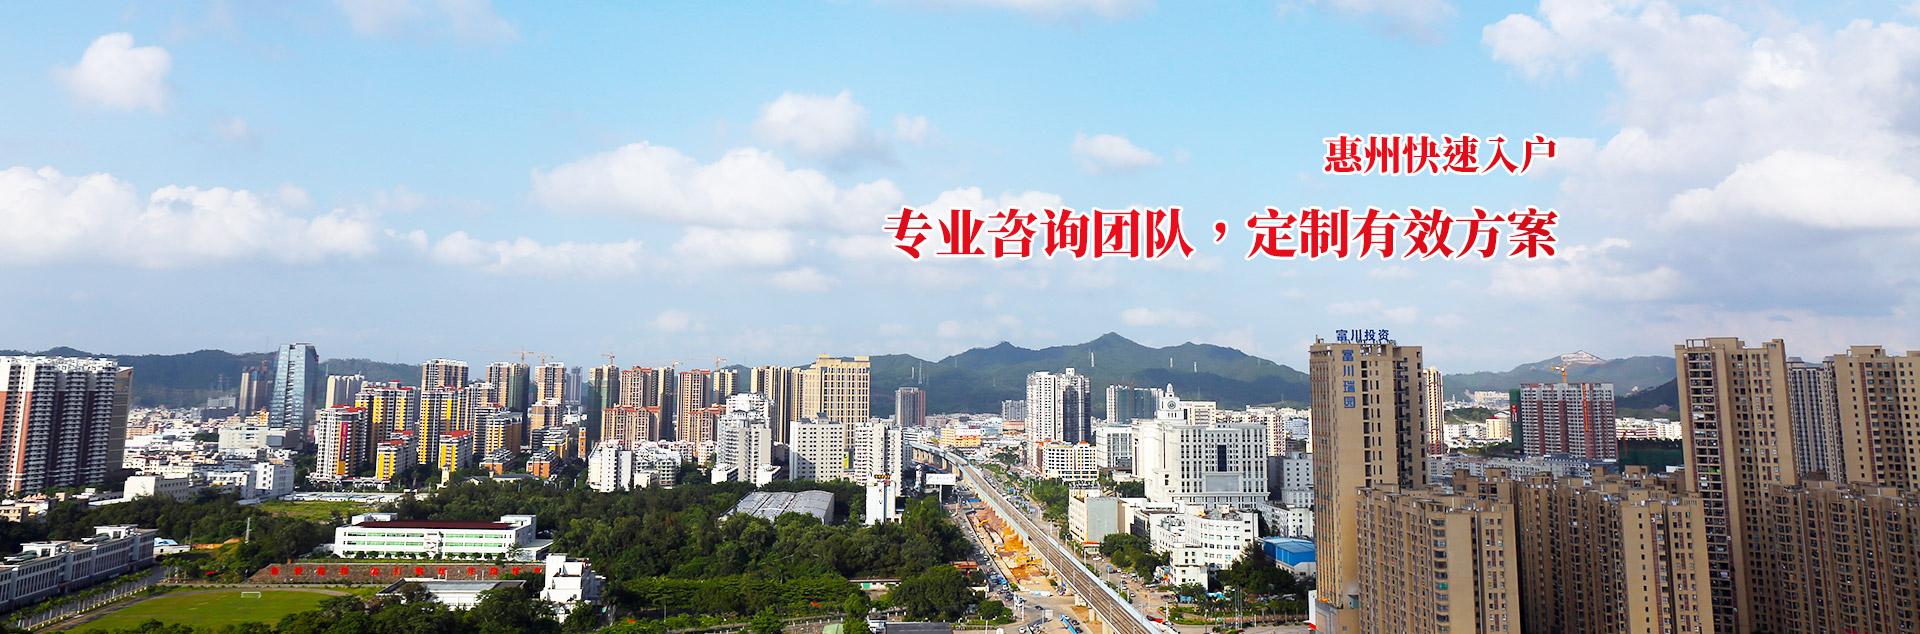 惠州迁户服务